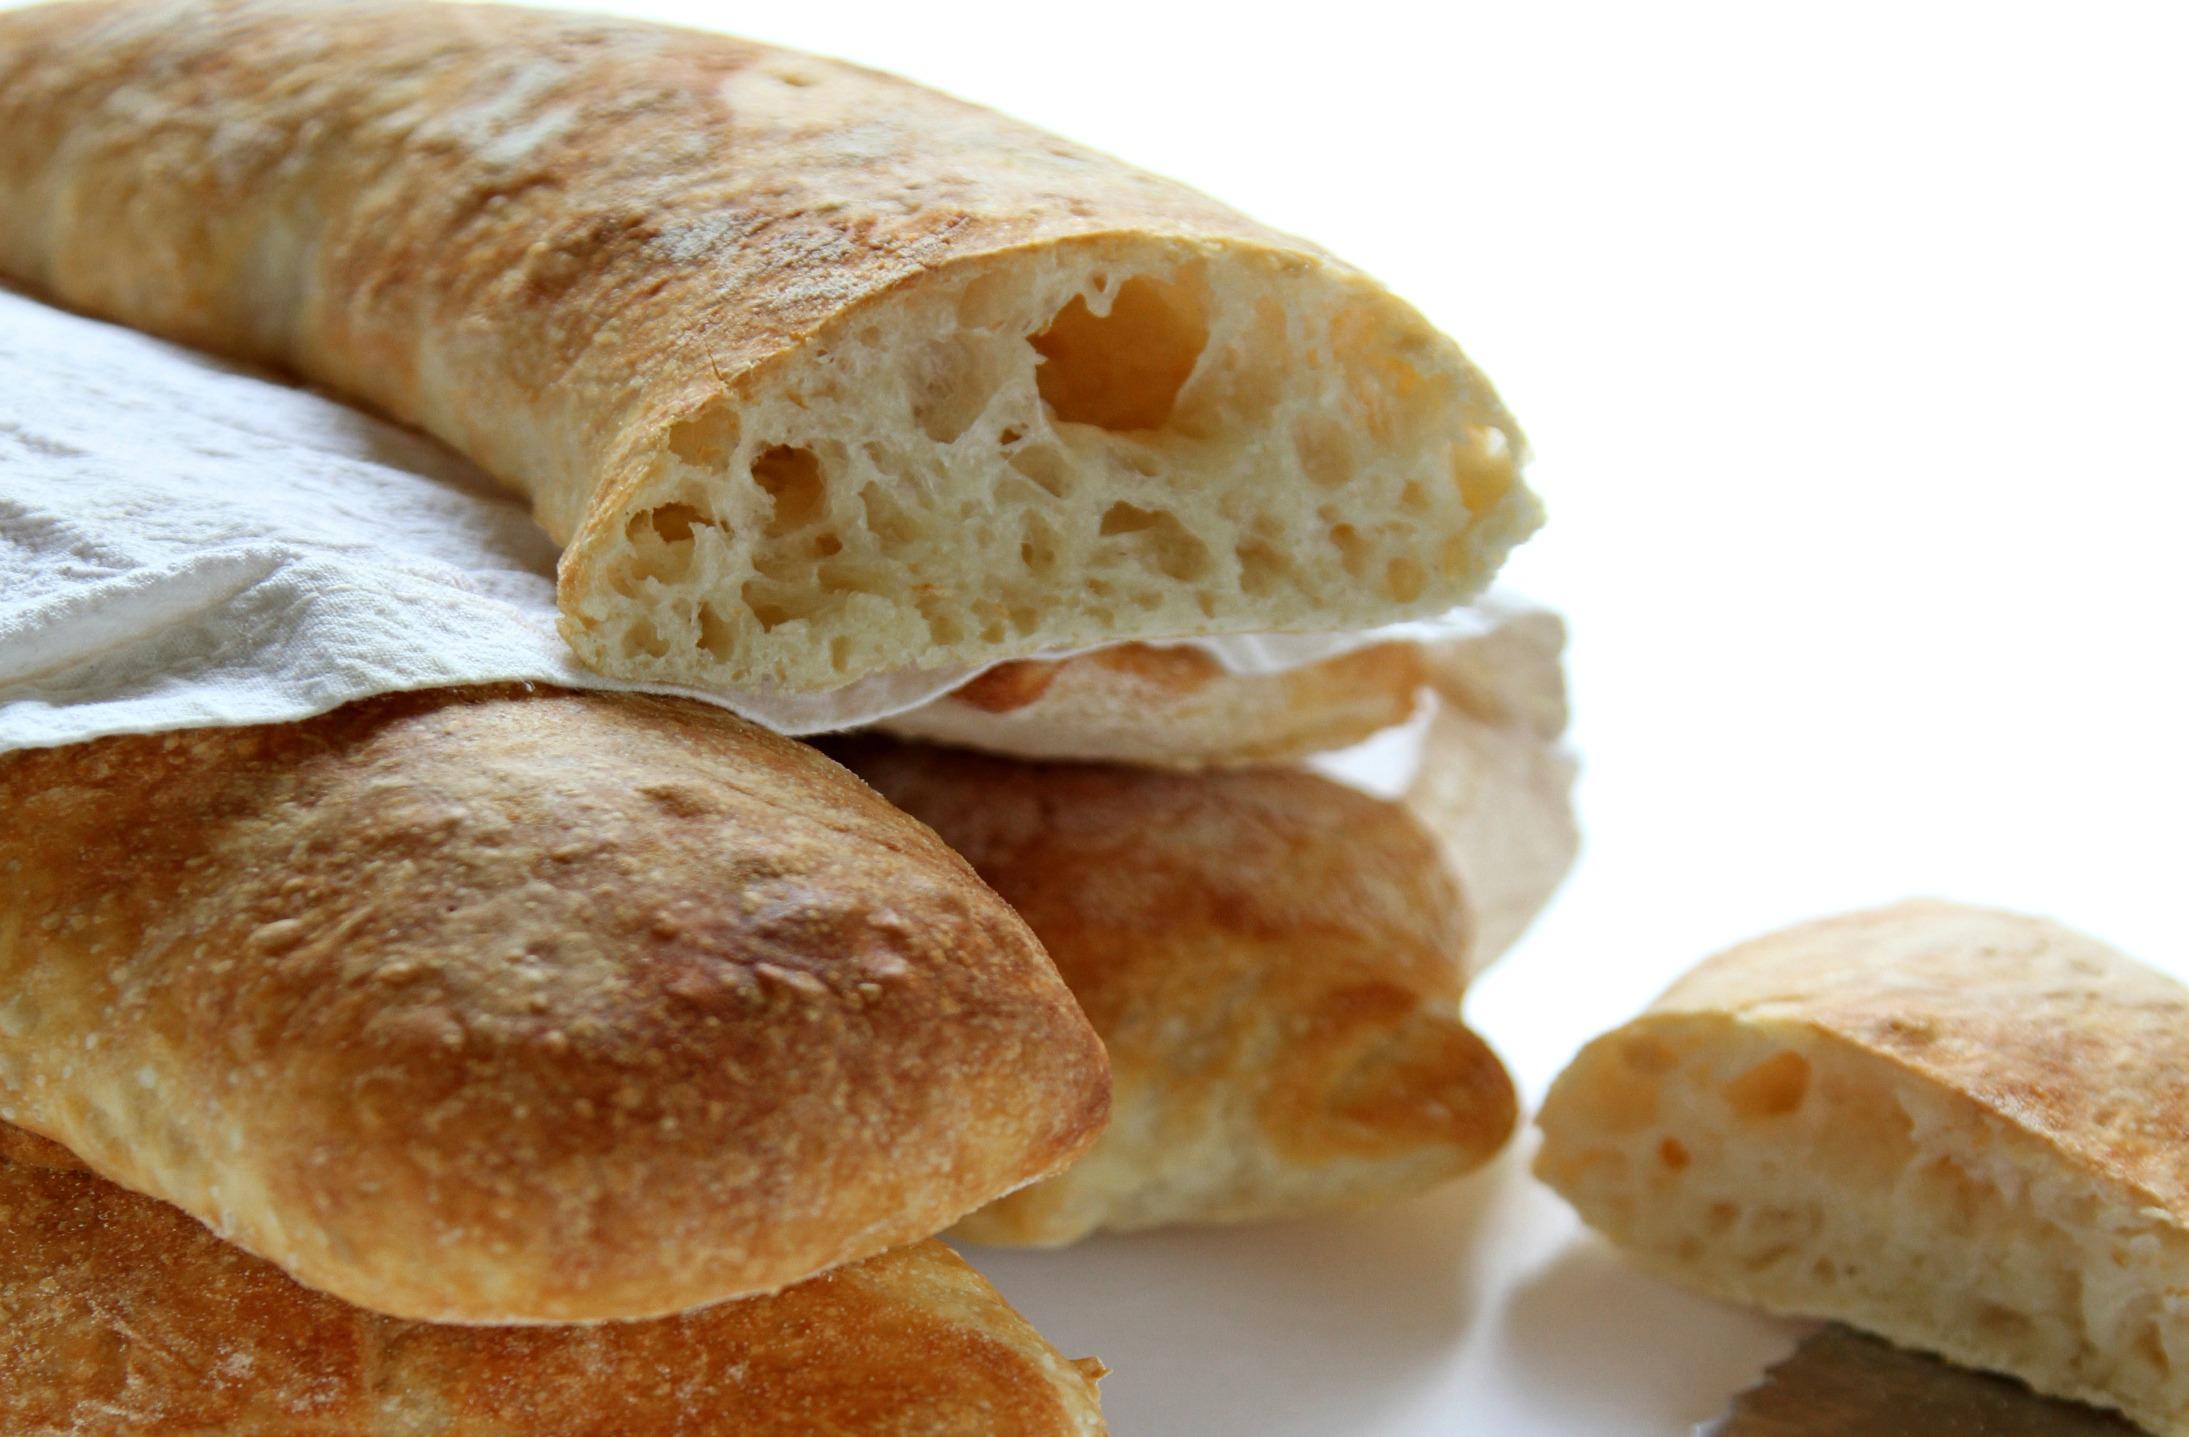 Favoloso Ciabatte di pane senza impasto - ricette Donatella Simeone - D  DC79